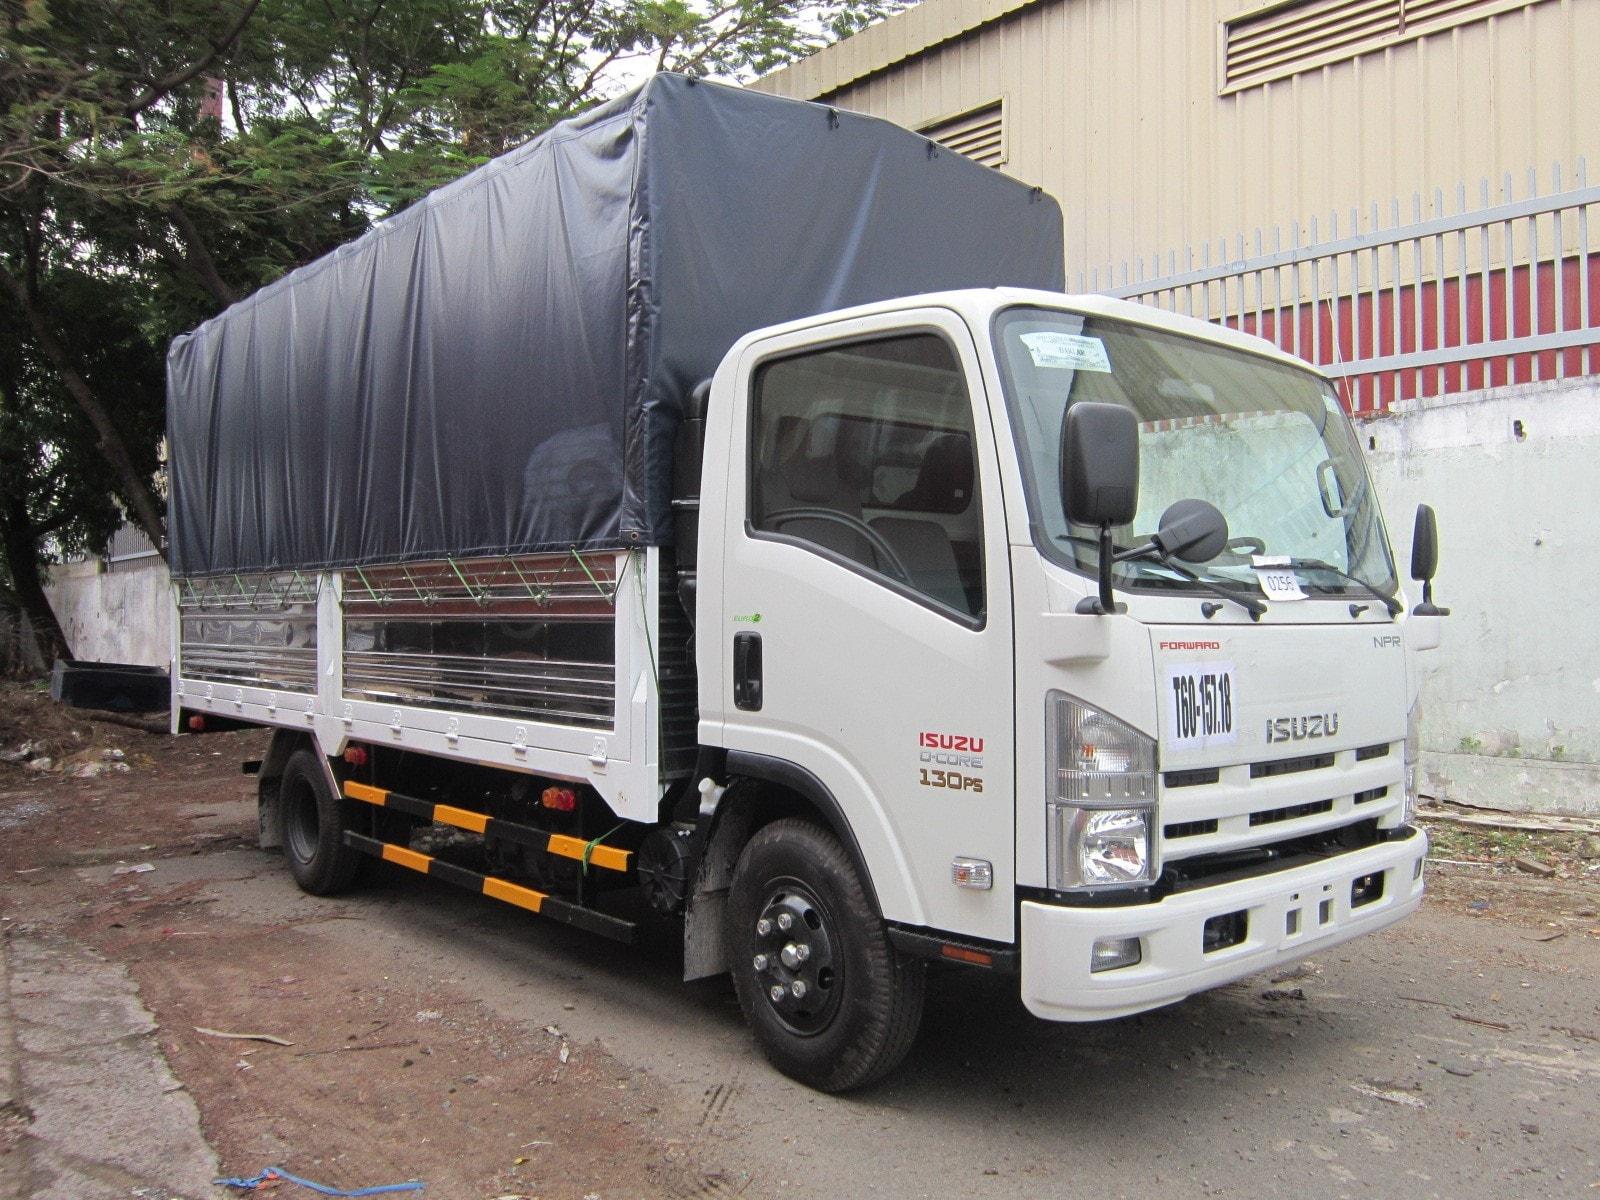 Cần tuân thủ các quy định về trọng tải xe